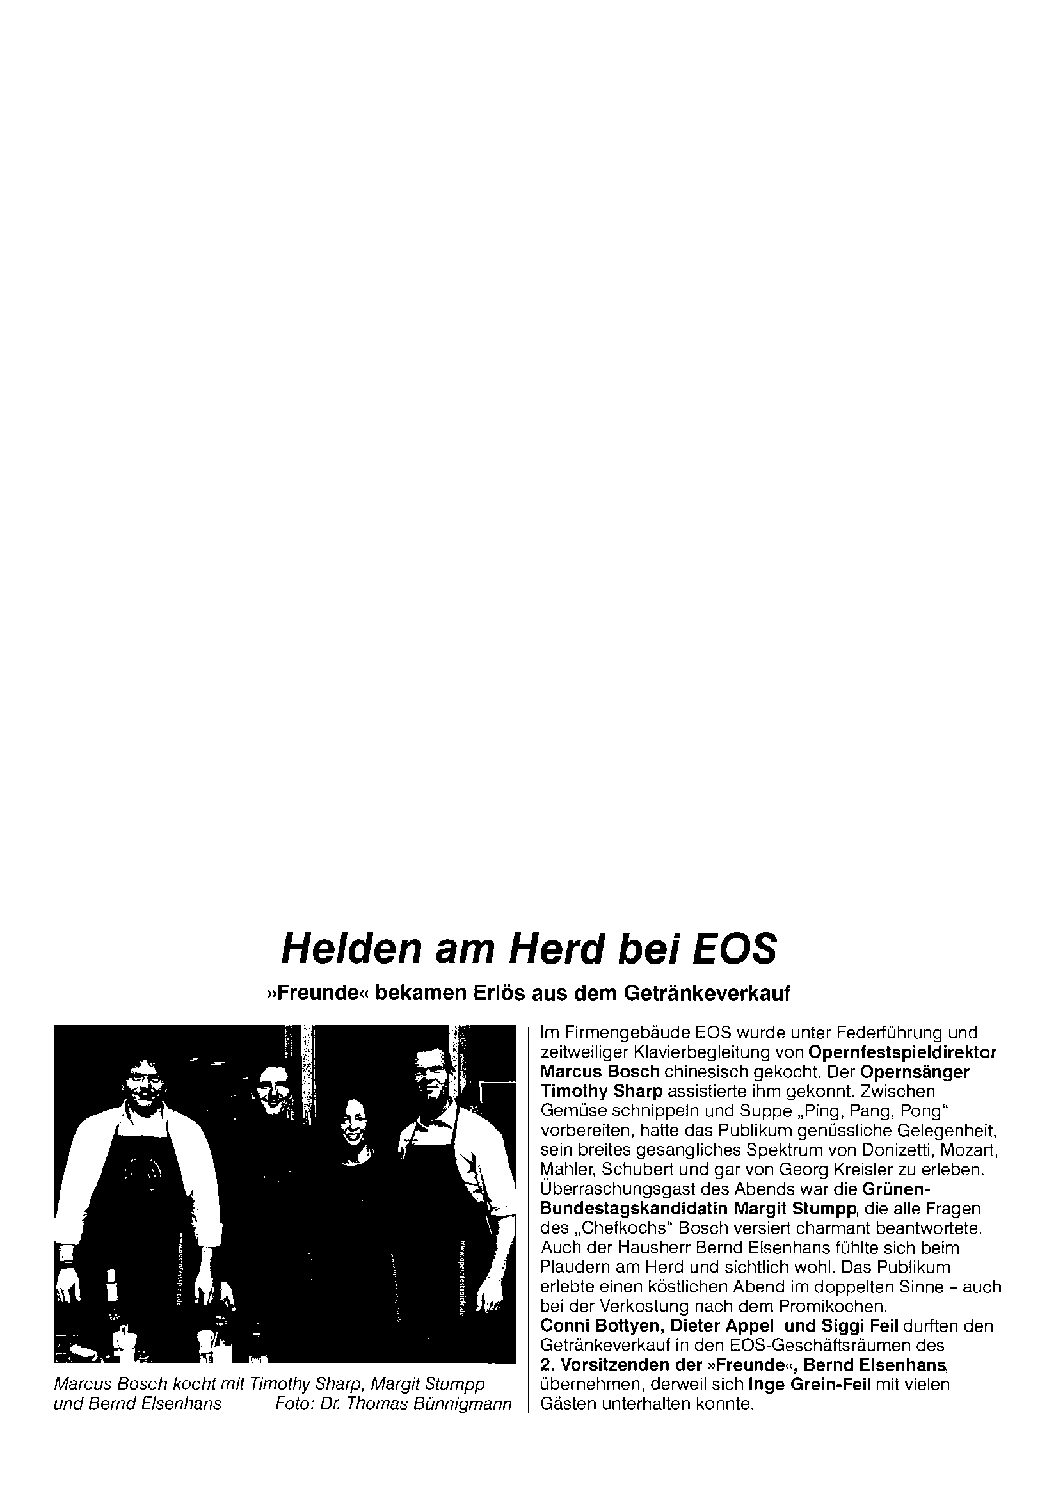 Helden am Herd bei EOS